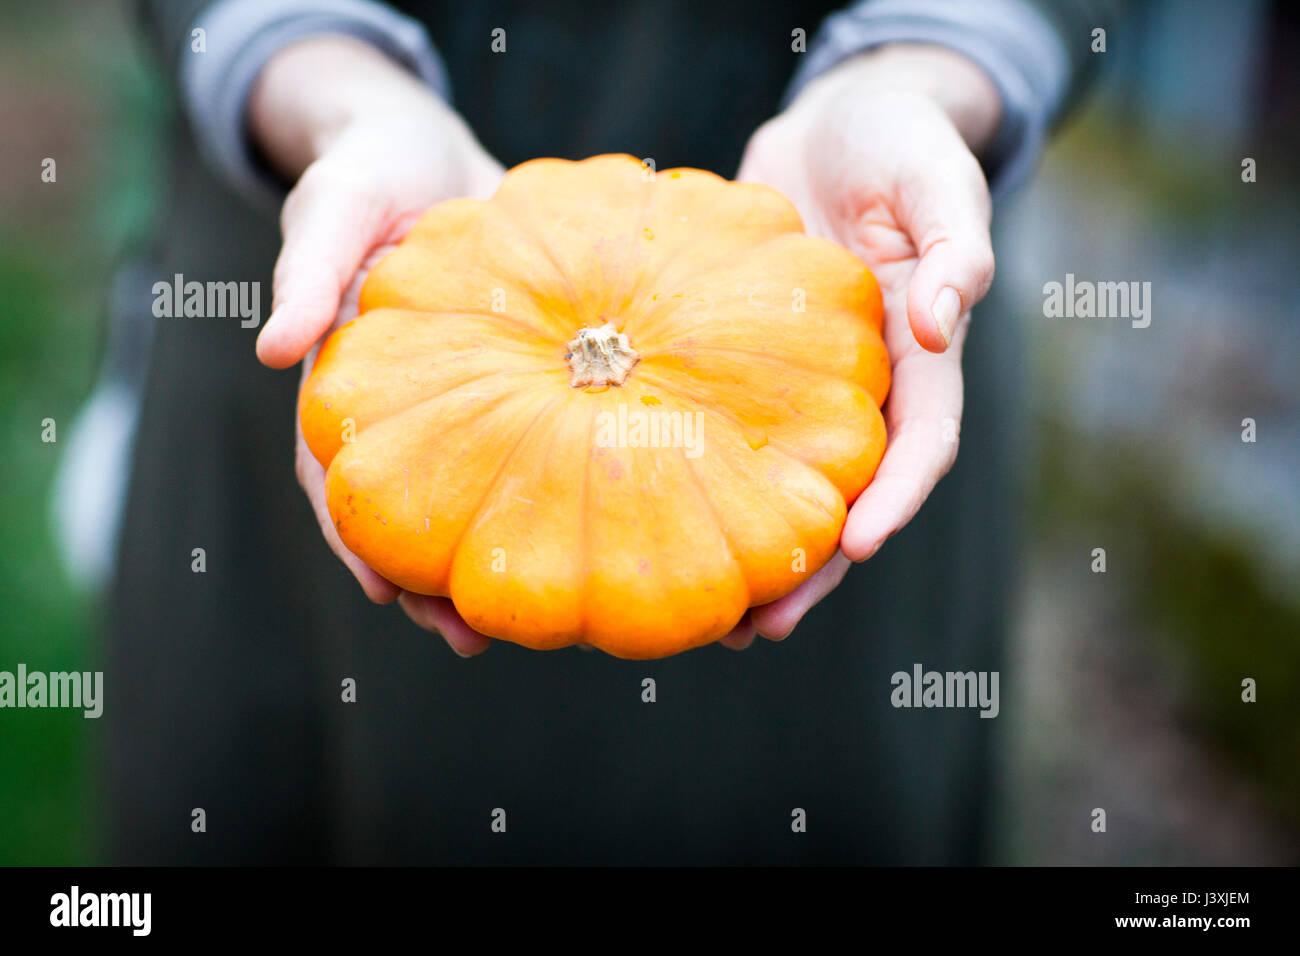 Manos de mujeres jardinero celebración naranja vegetal de squash Imagen De Stock